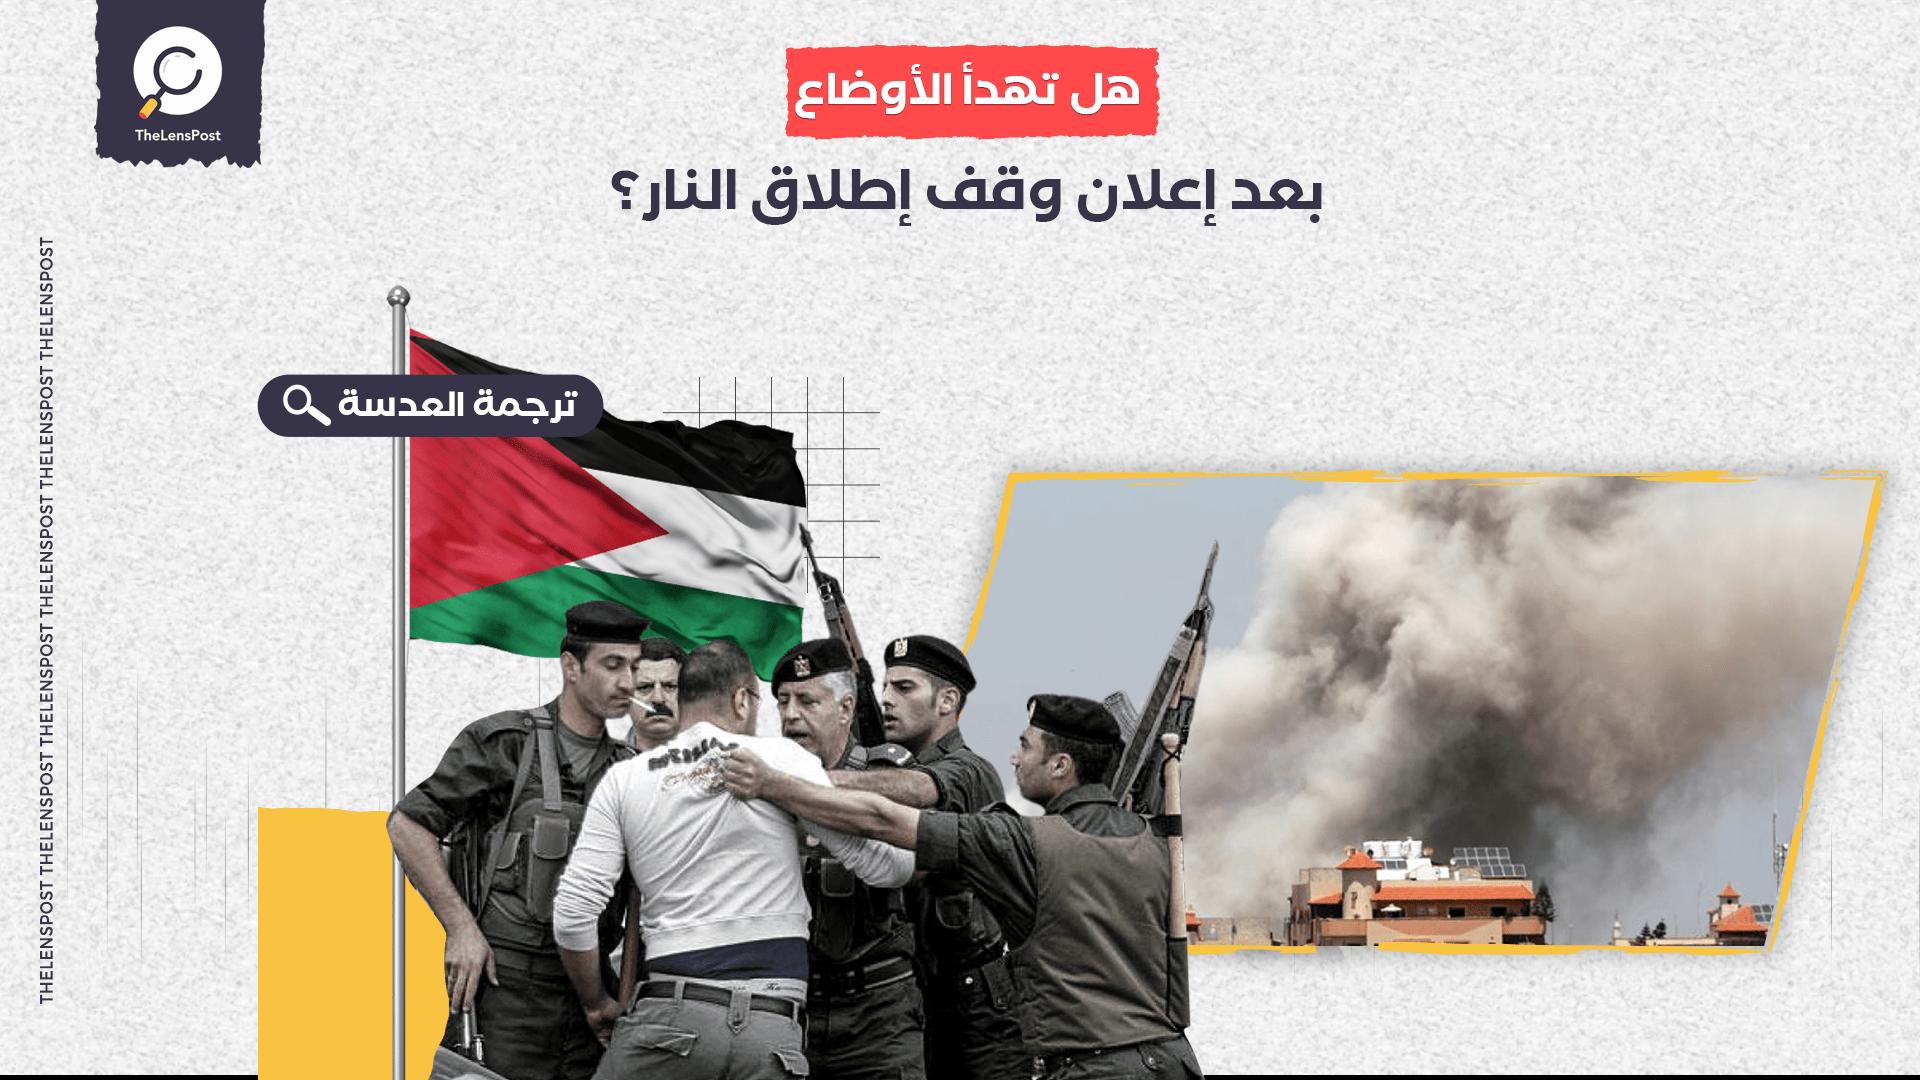 فلسطين: هل تهدأ الأوضاع بعد إعلان وقف إطلاق النار؟